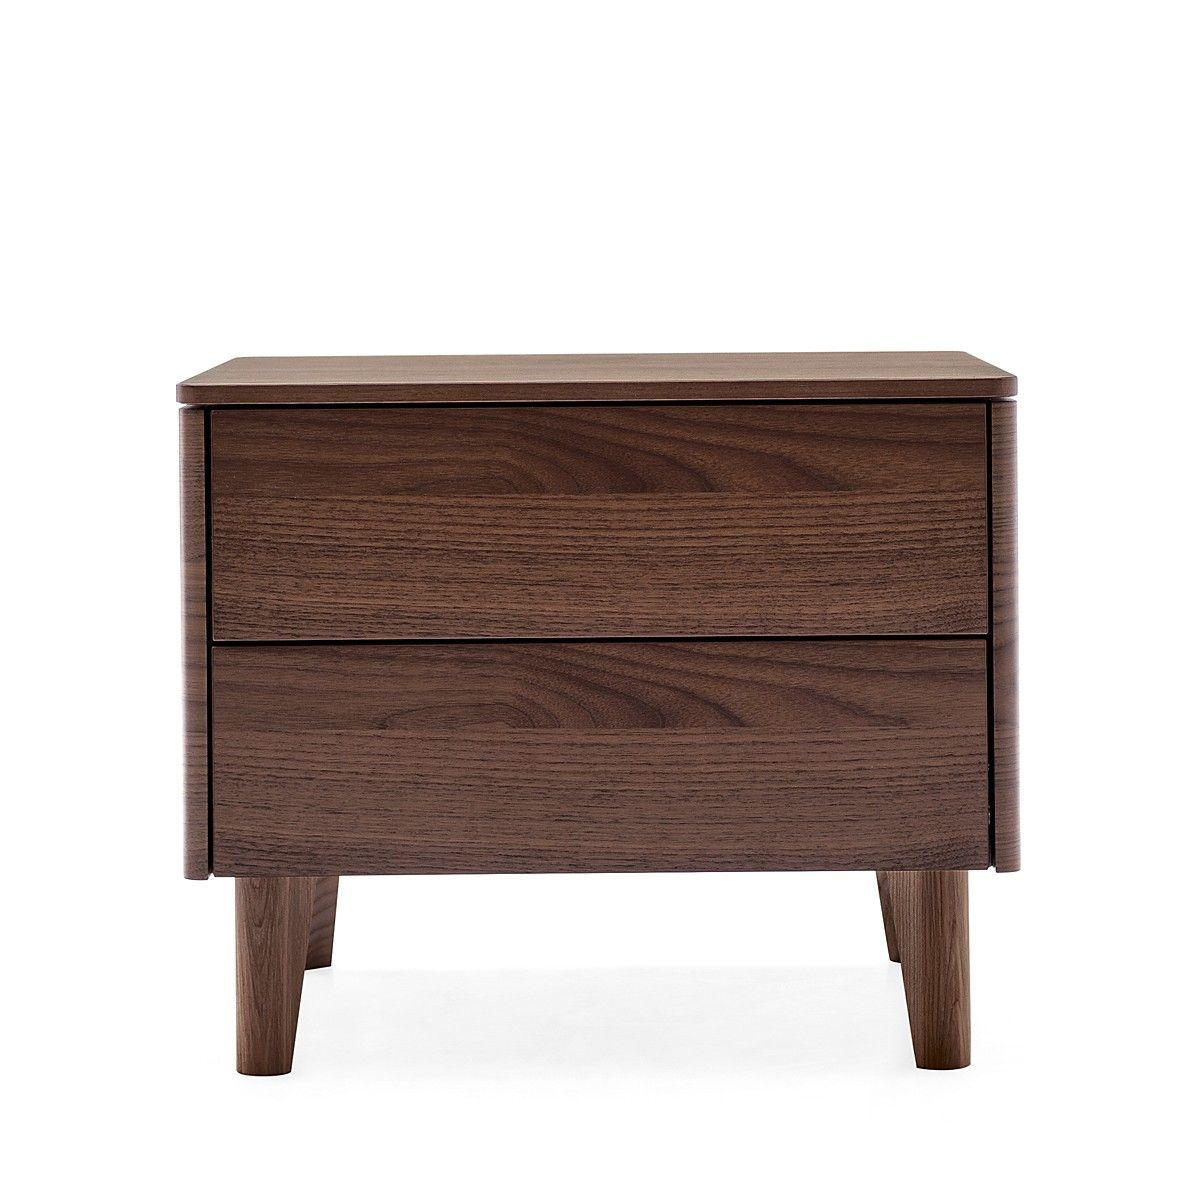 Boston Nightstand Calligaris, Wooden nightstand, Bedroom